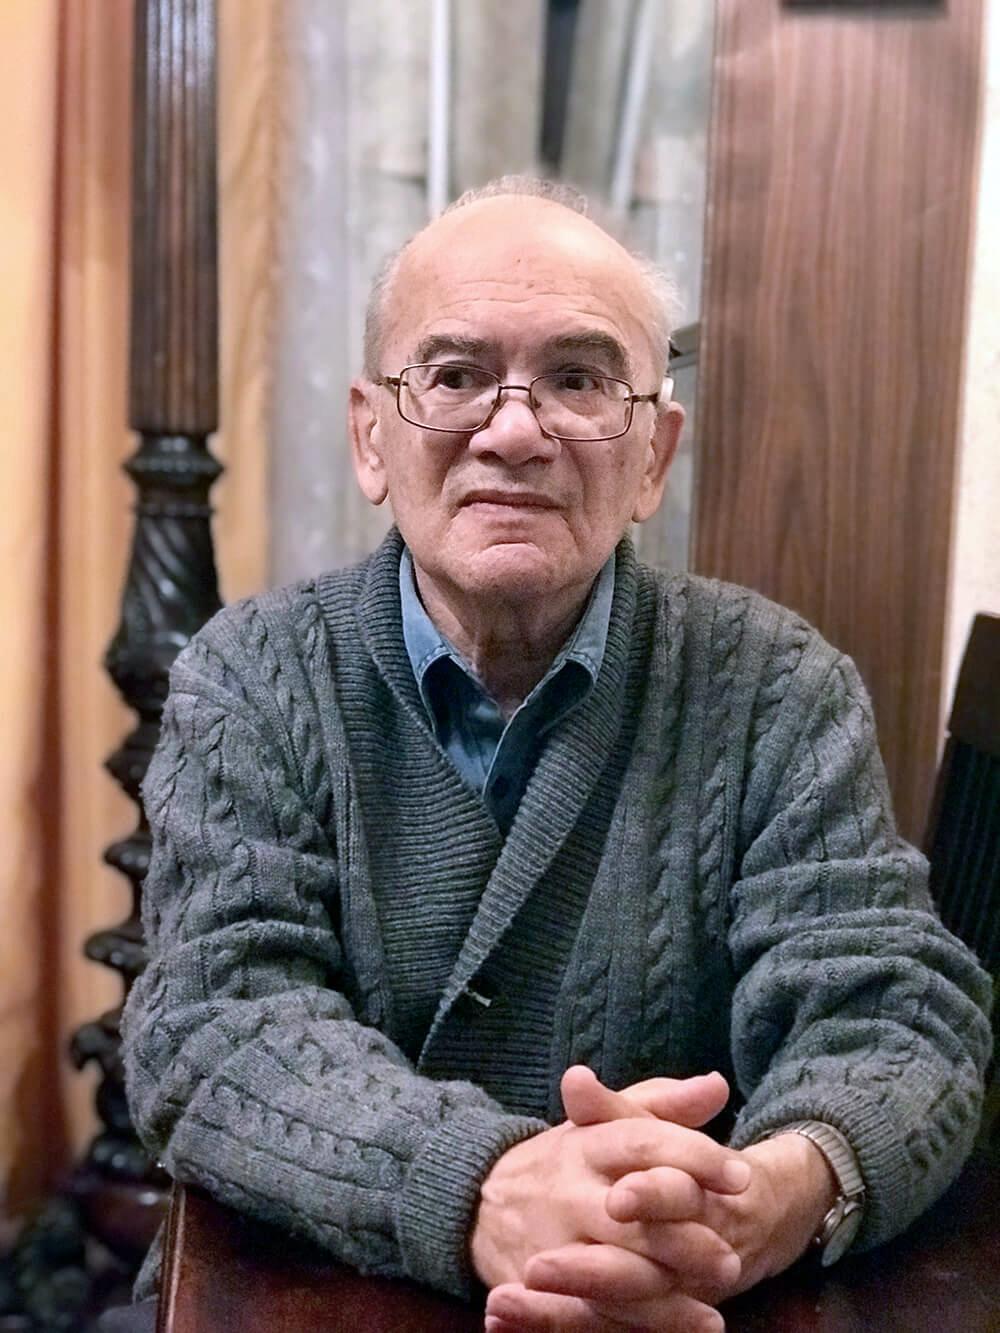 А.С. Кушнер у себя в кабинете, 2018, фото Ирины Терры